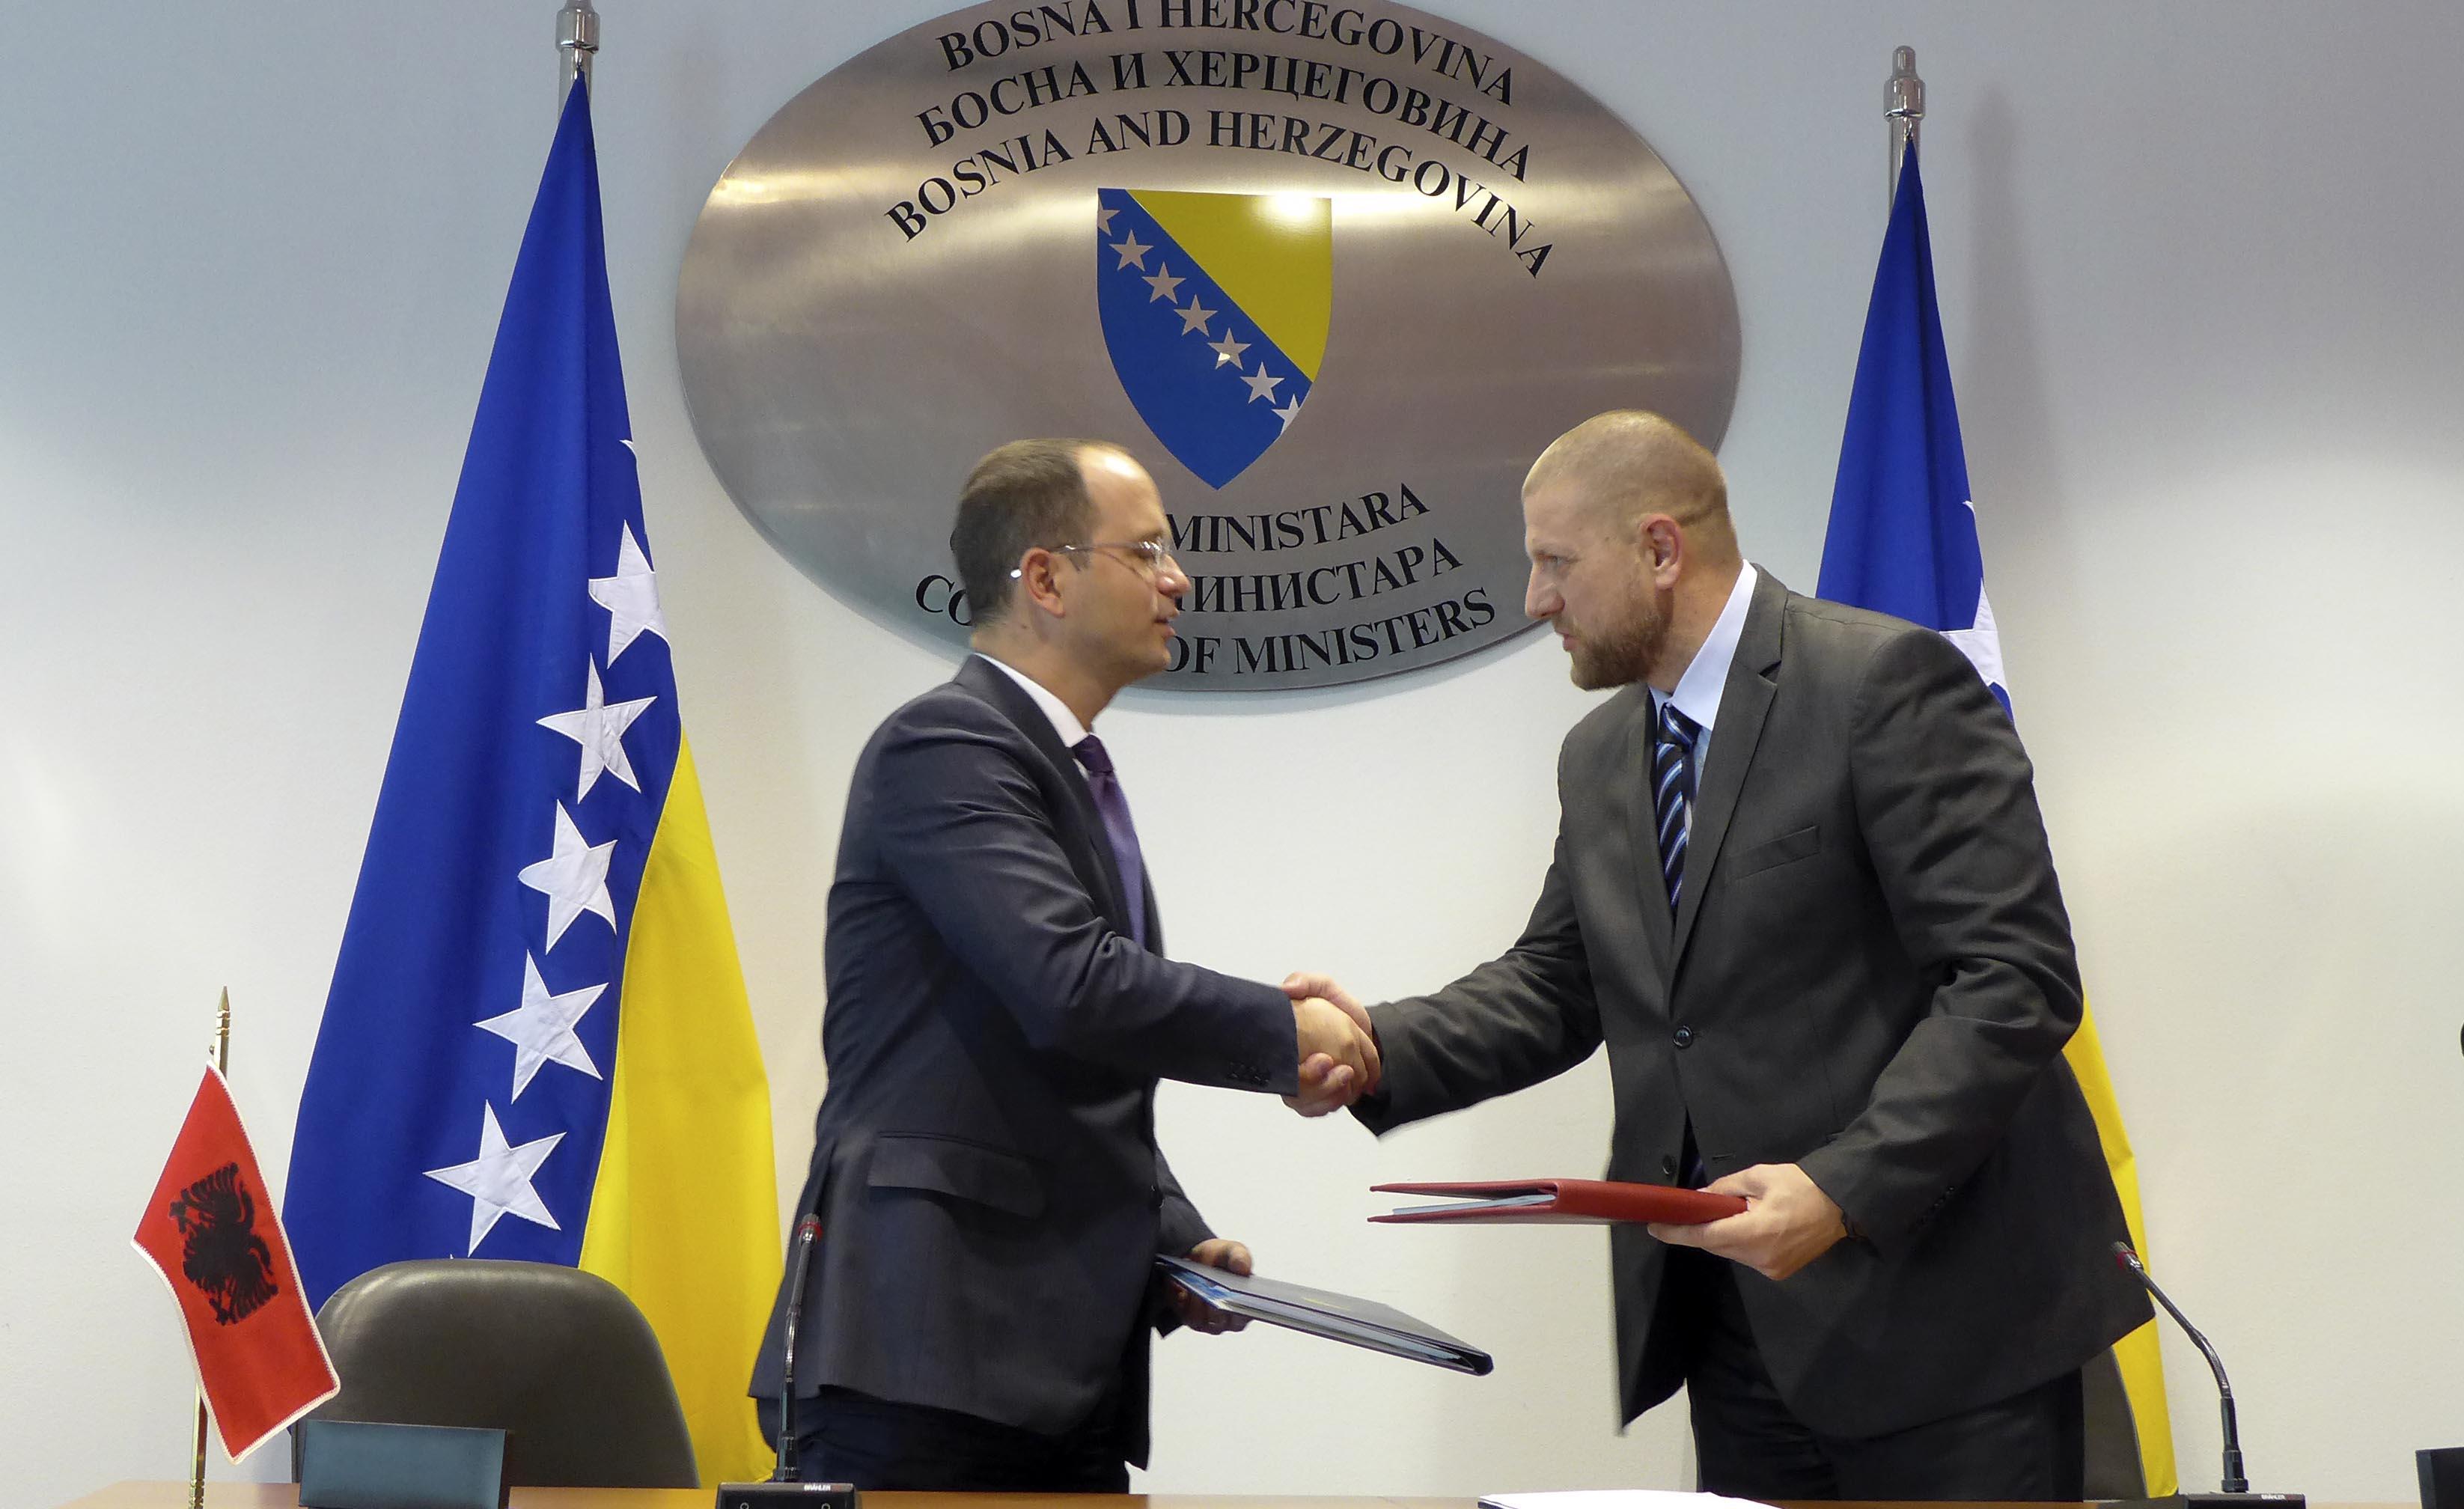 Ministarstvo Komunikacija Albanija 2